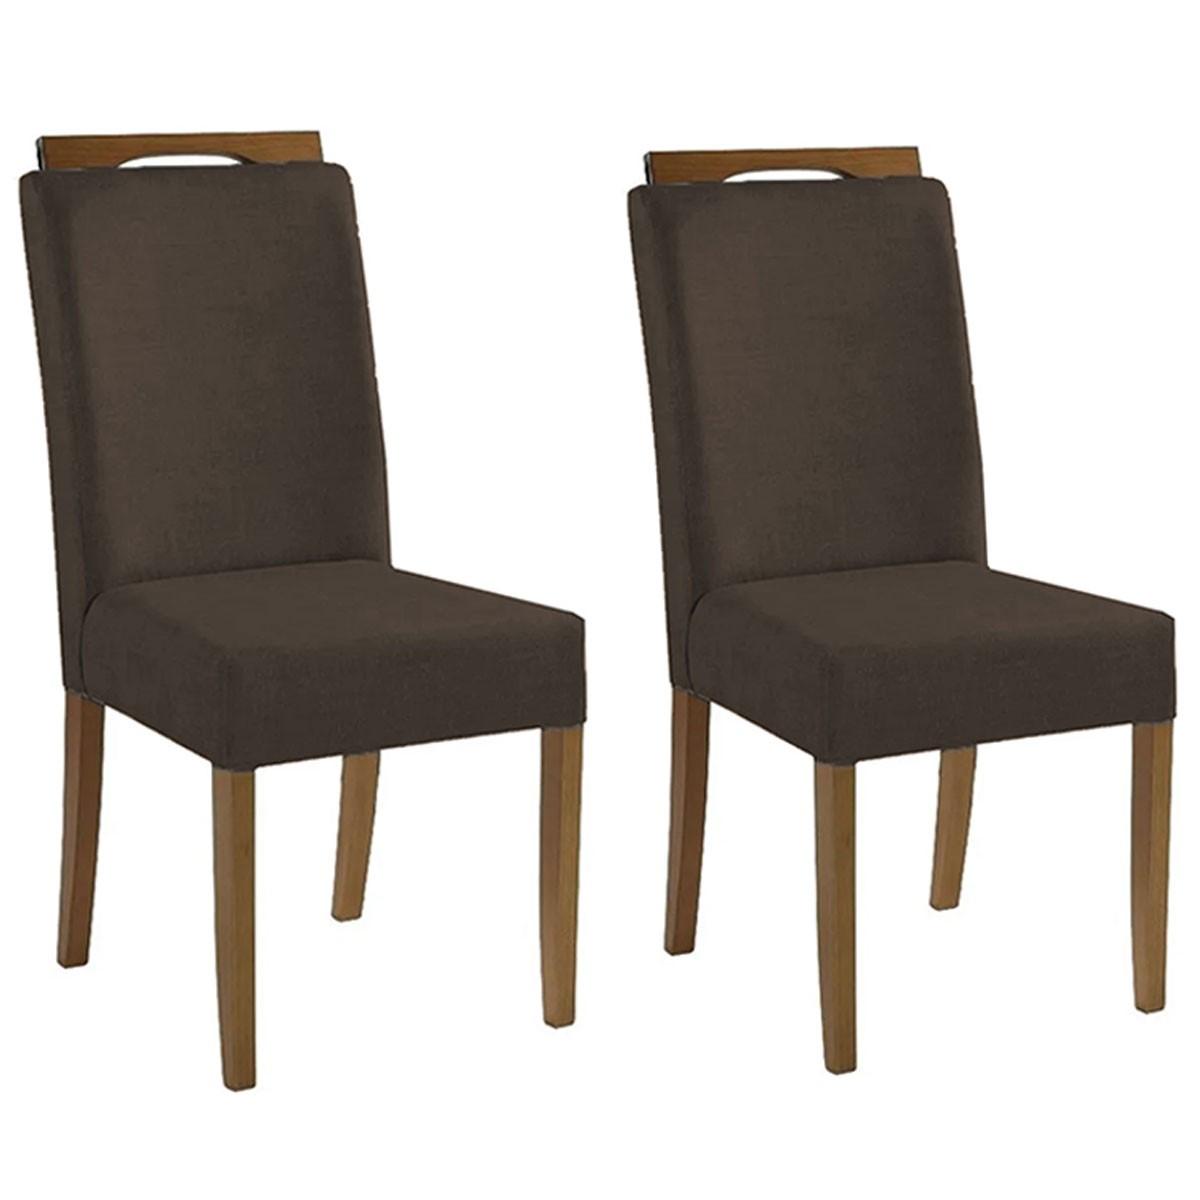 Kit 2 Cadeiras Estofadas Fabiana 100% Madeira Suede Marrom